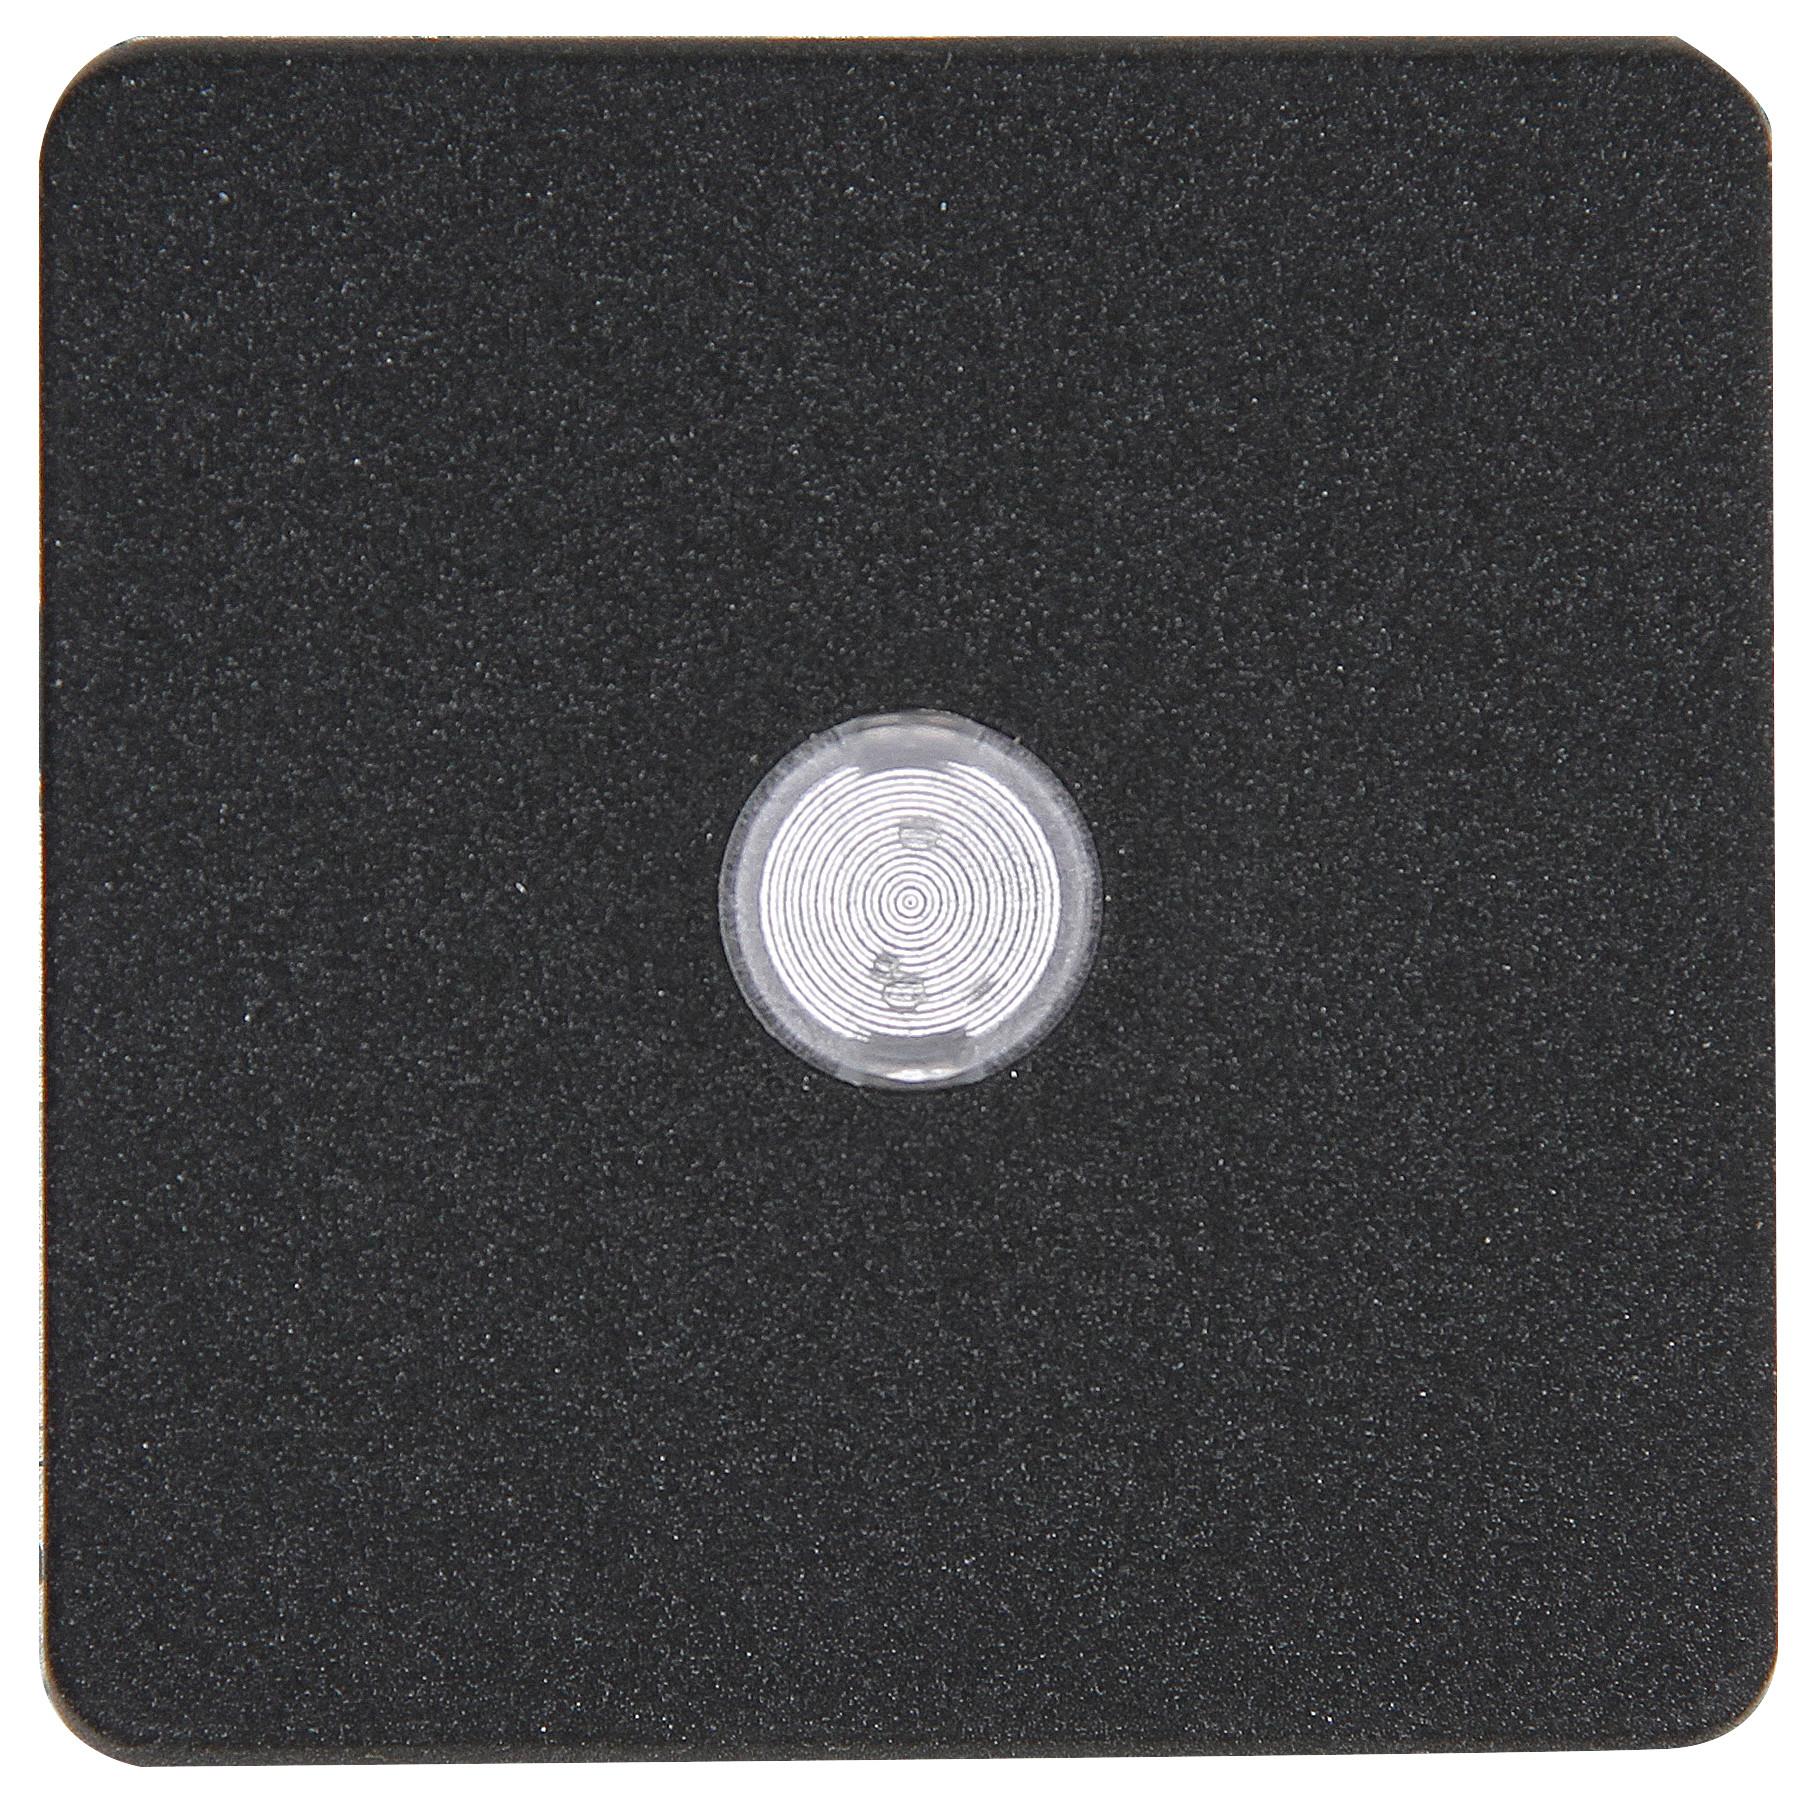 Kopp HK02 bedieningswip met lens 1-voudig antraciet per 10